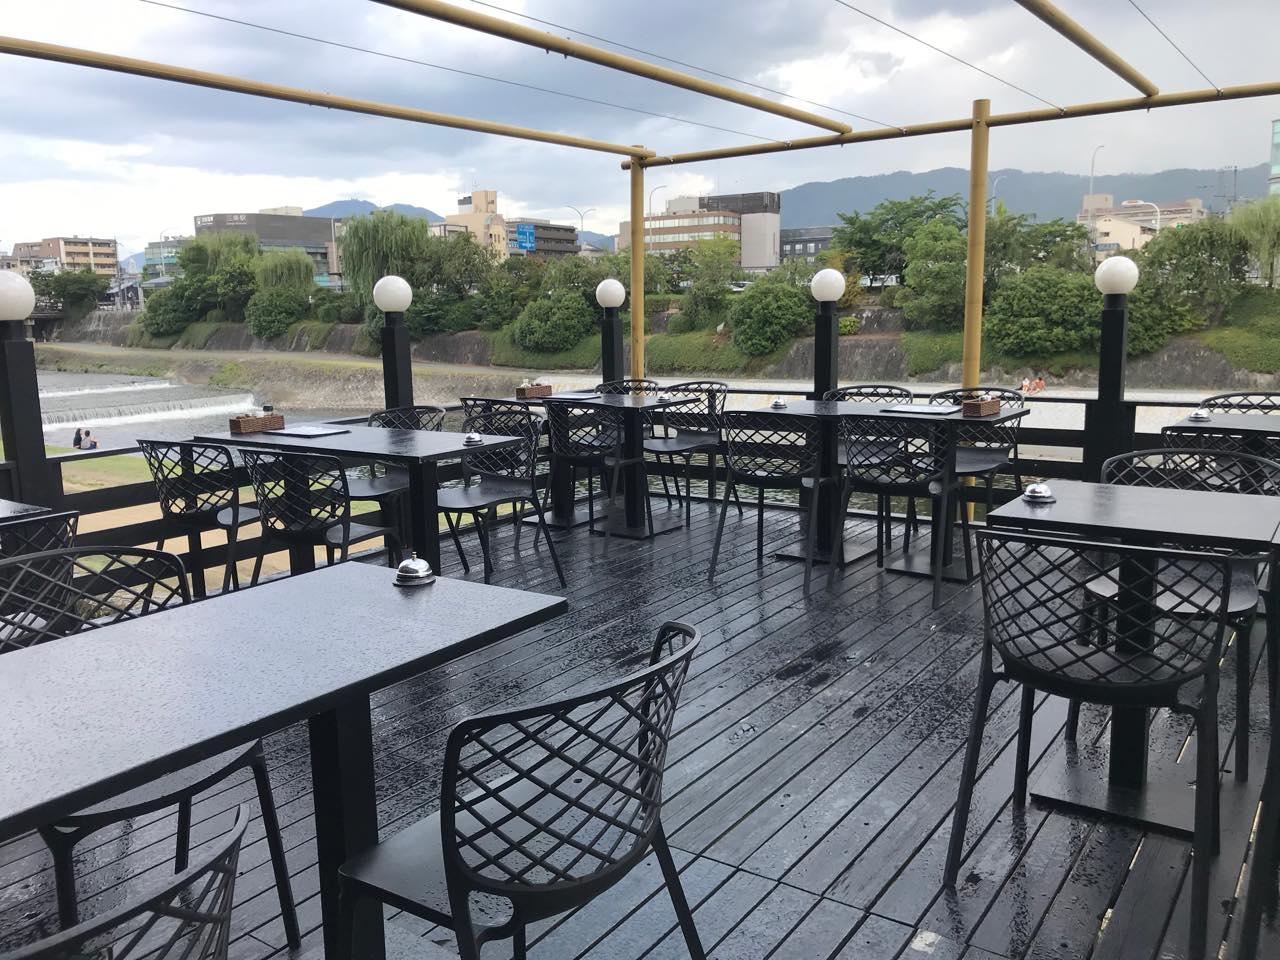 コロナ禍の夏、京都の人気食事処はどうだった?お店の様子を動画でレポート